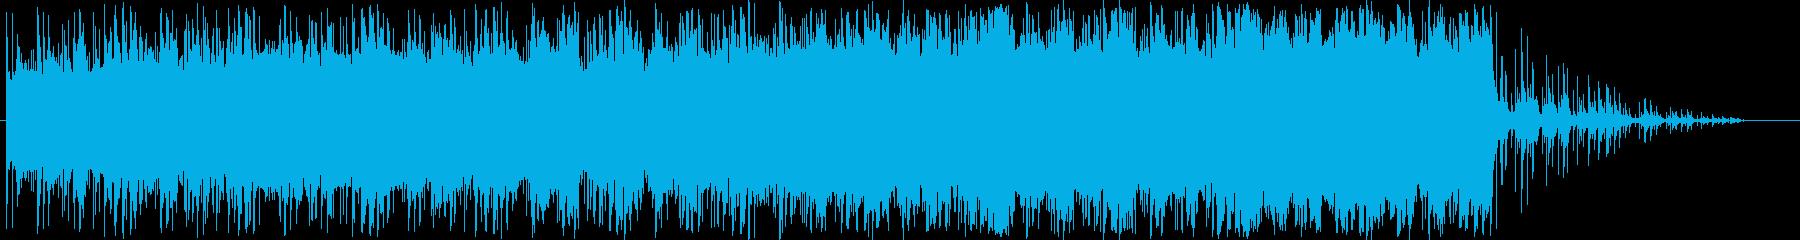 哀愁あるストリングスによる壮大な楽曲の再生済みの波形